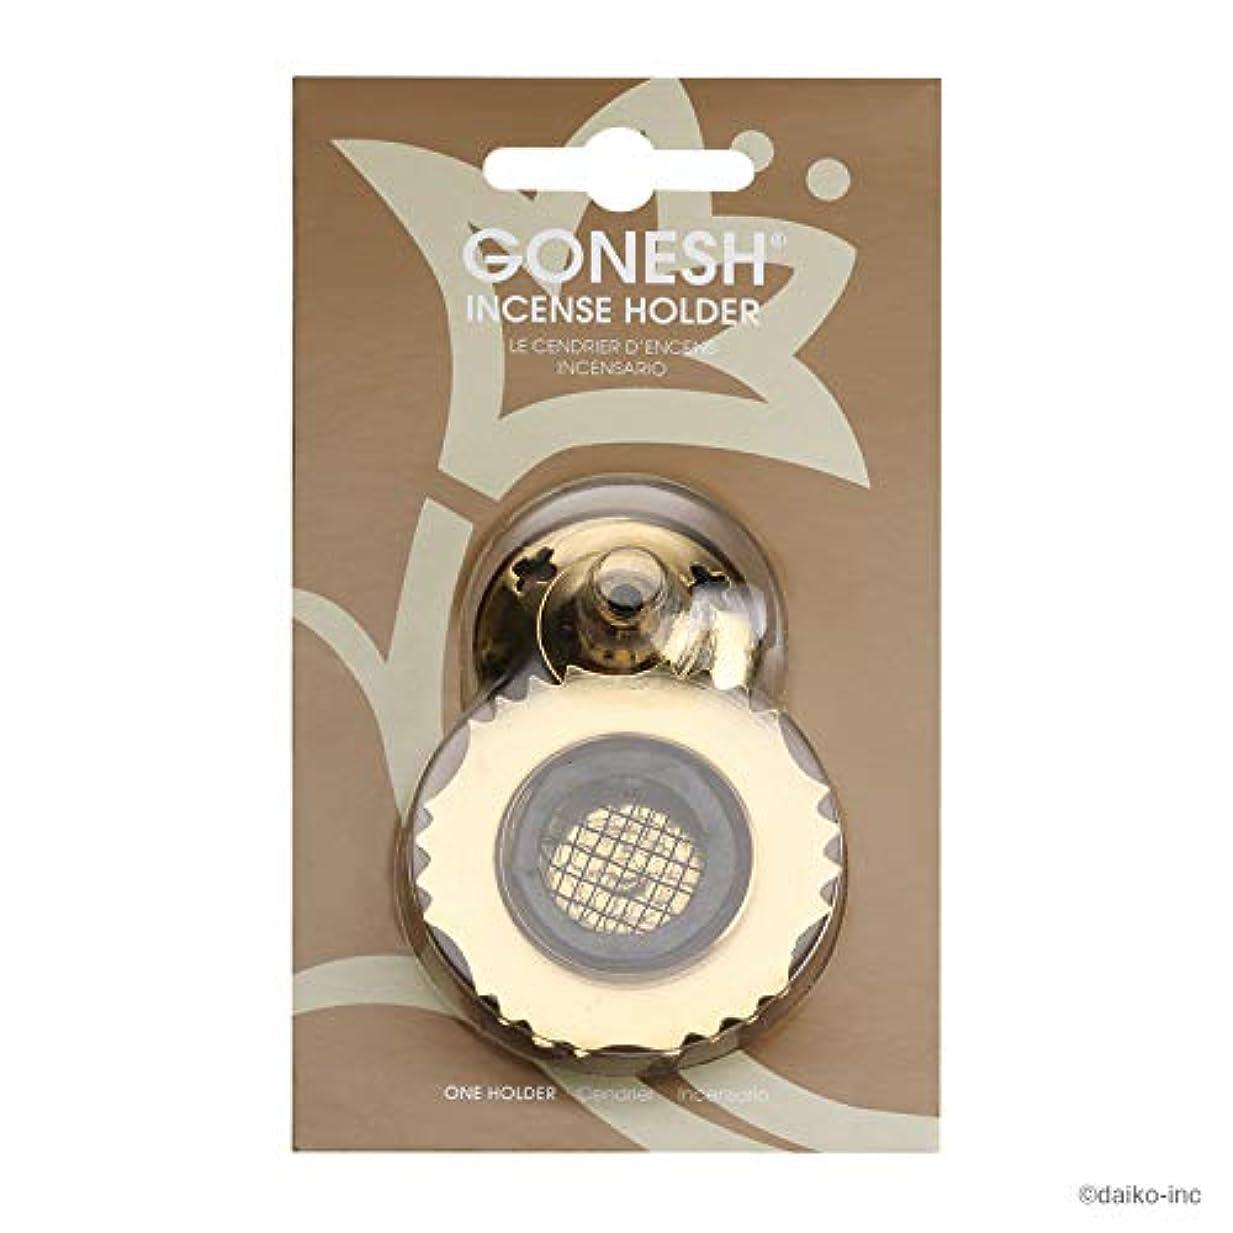 火山学者値する休眠ガーネッシュ(GONESH) インセンスホルダー メッシュブラス (お香立て)